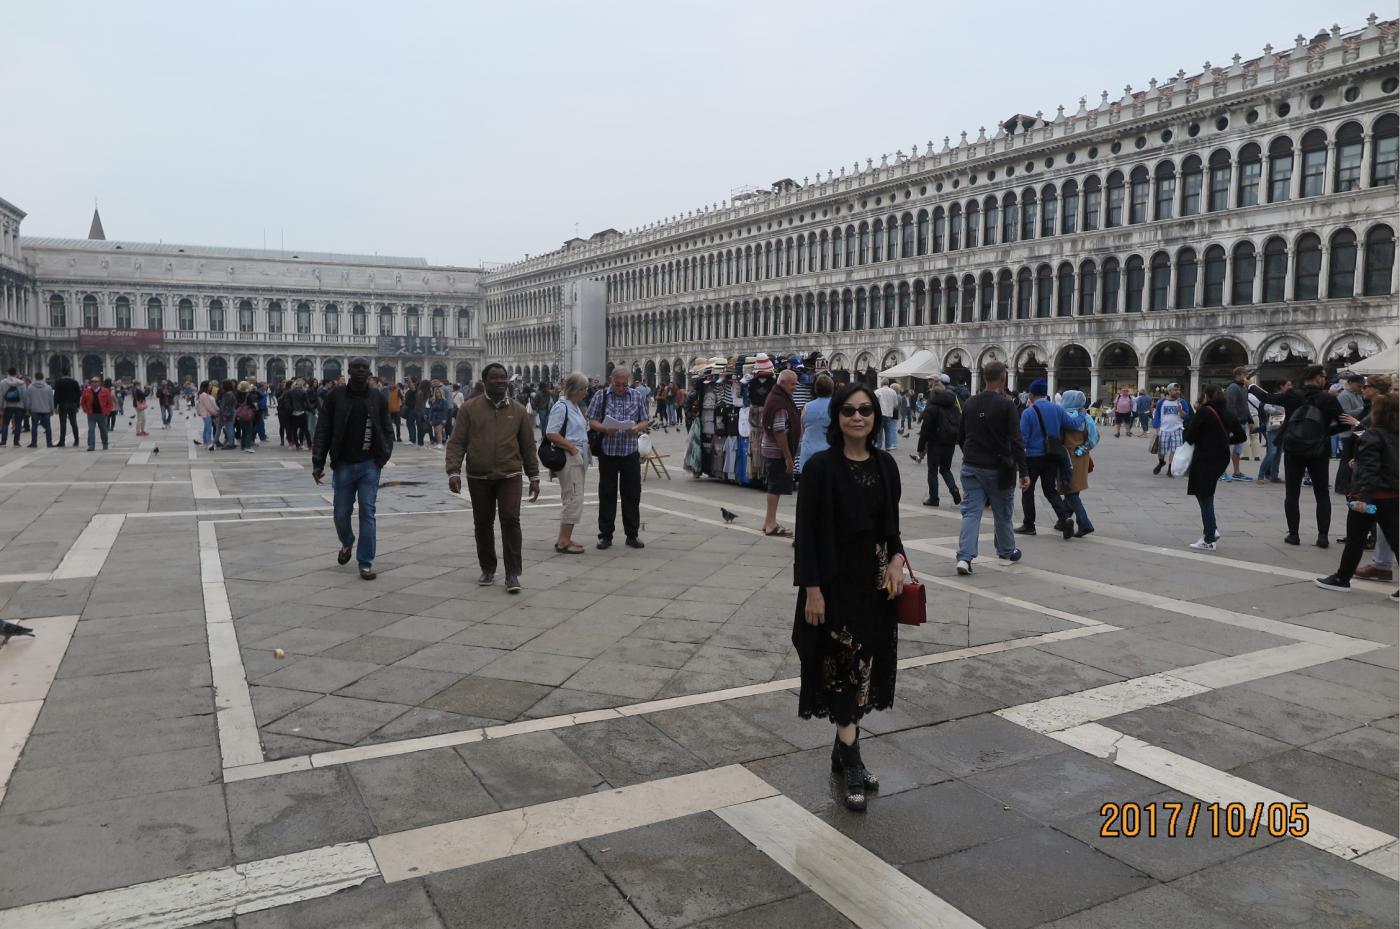 水乡威尼斯:无限的魅力永久的回忆_图1-21